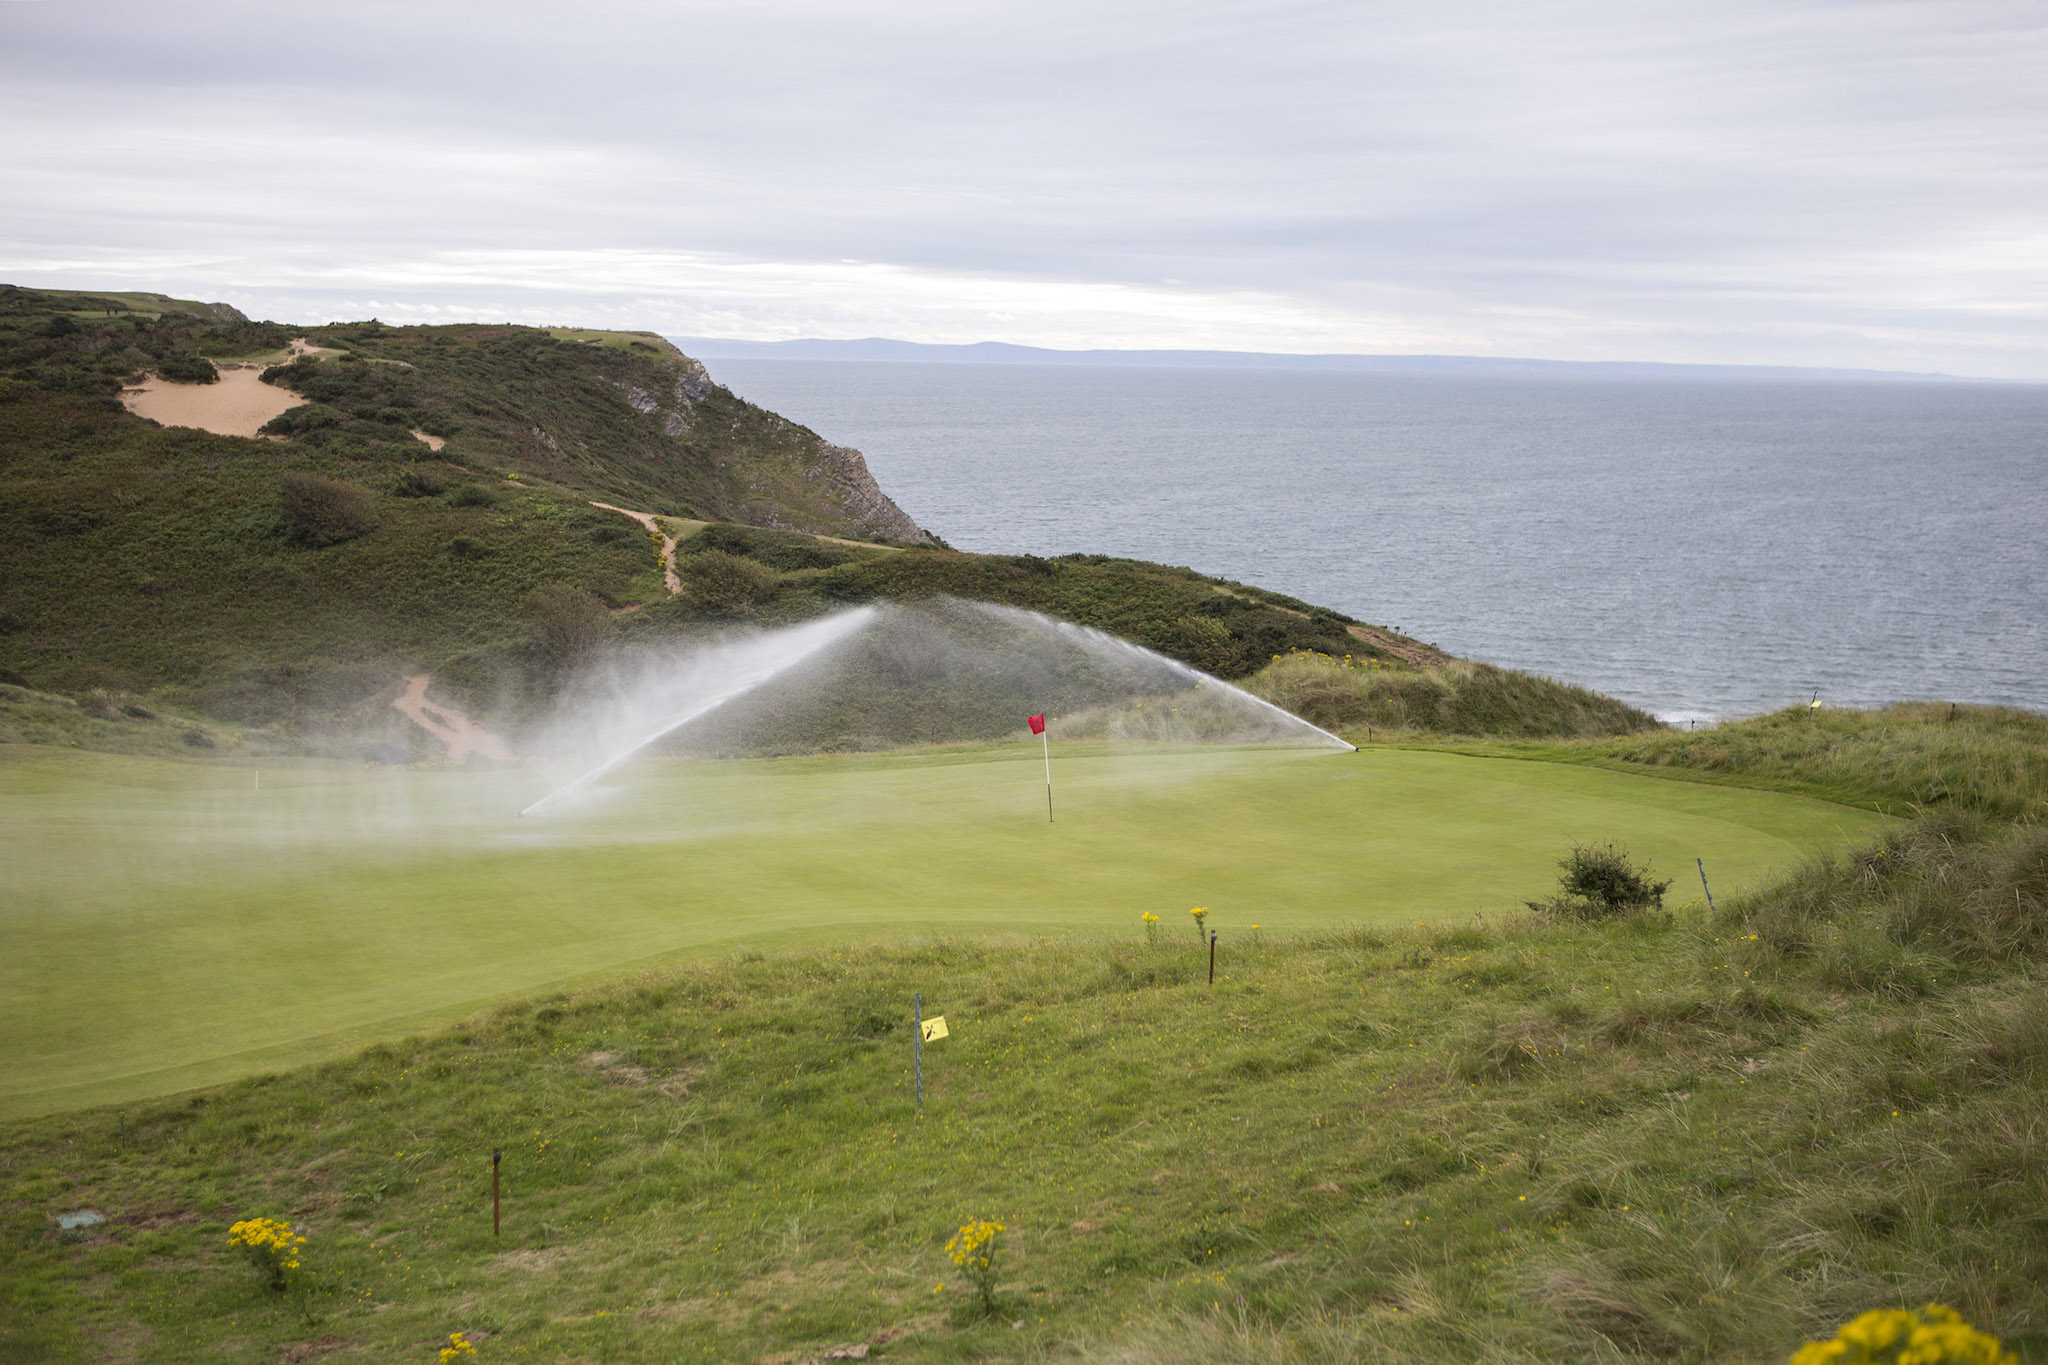 Toro Pennard Golf Club